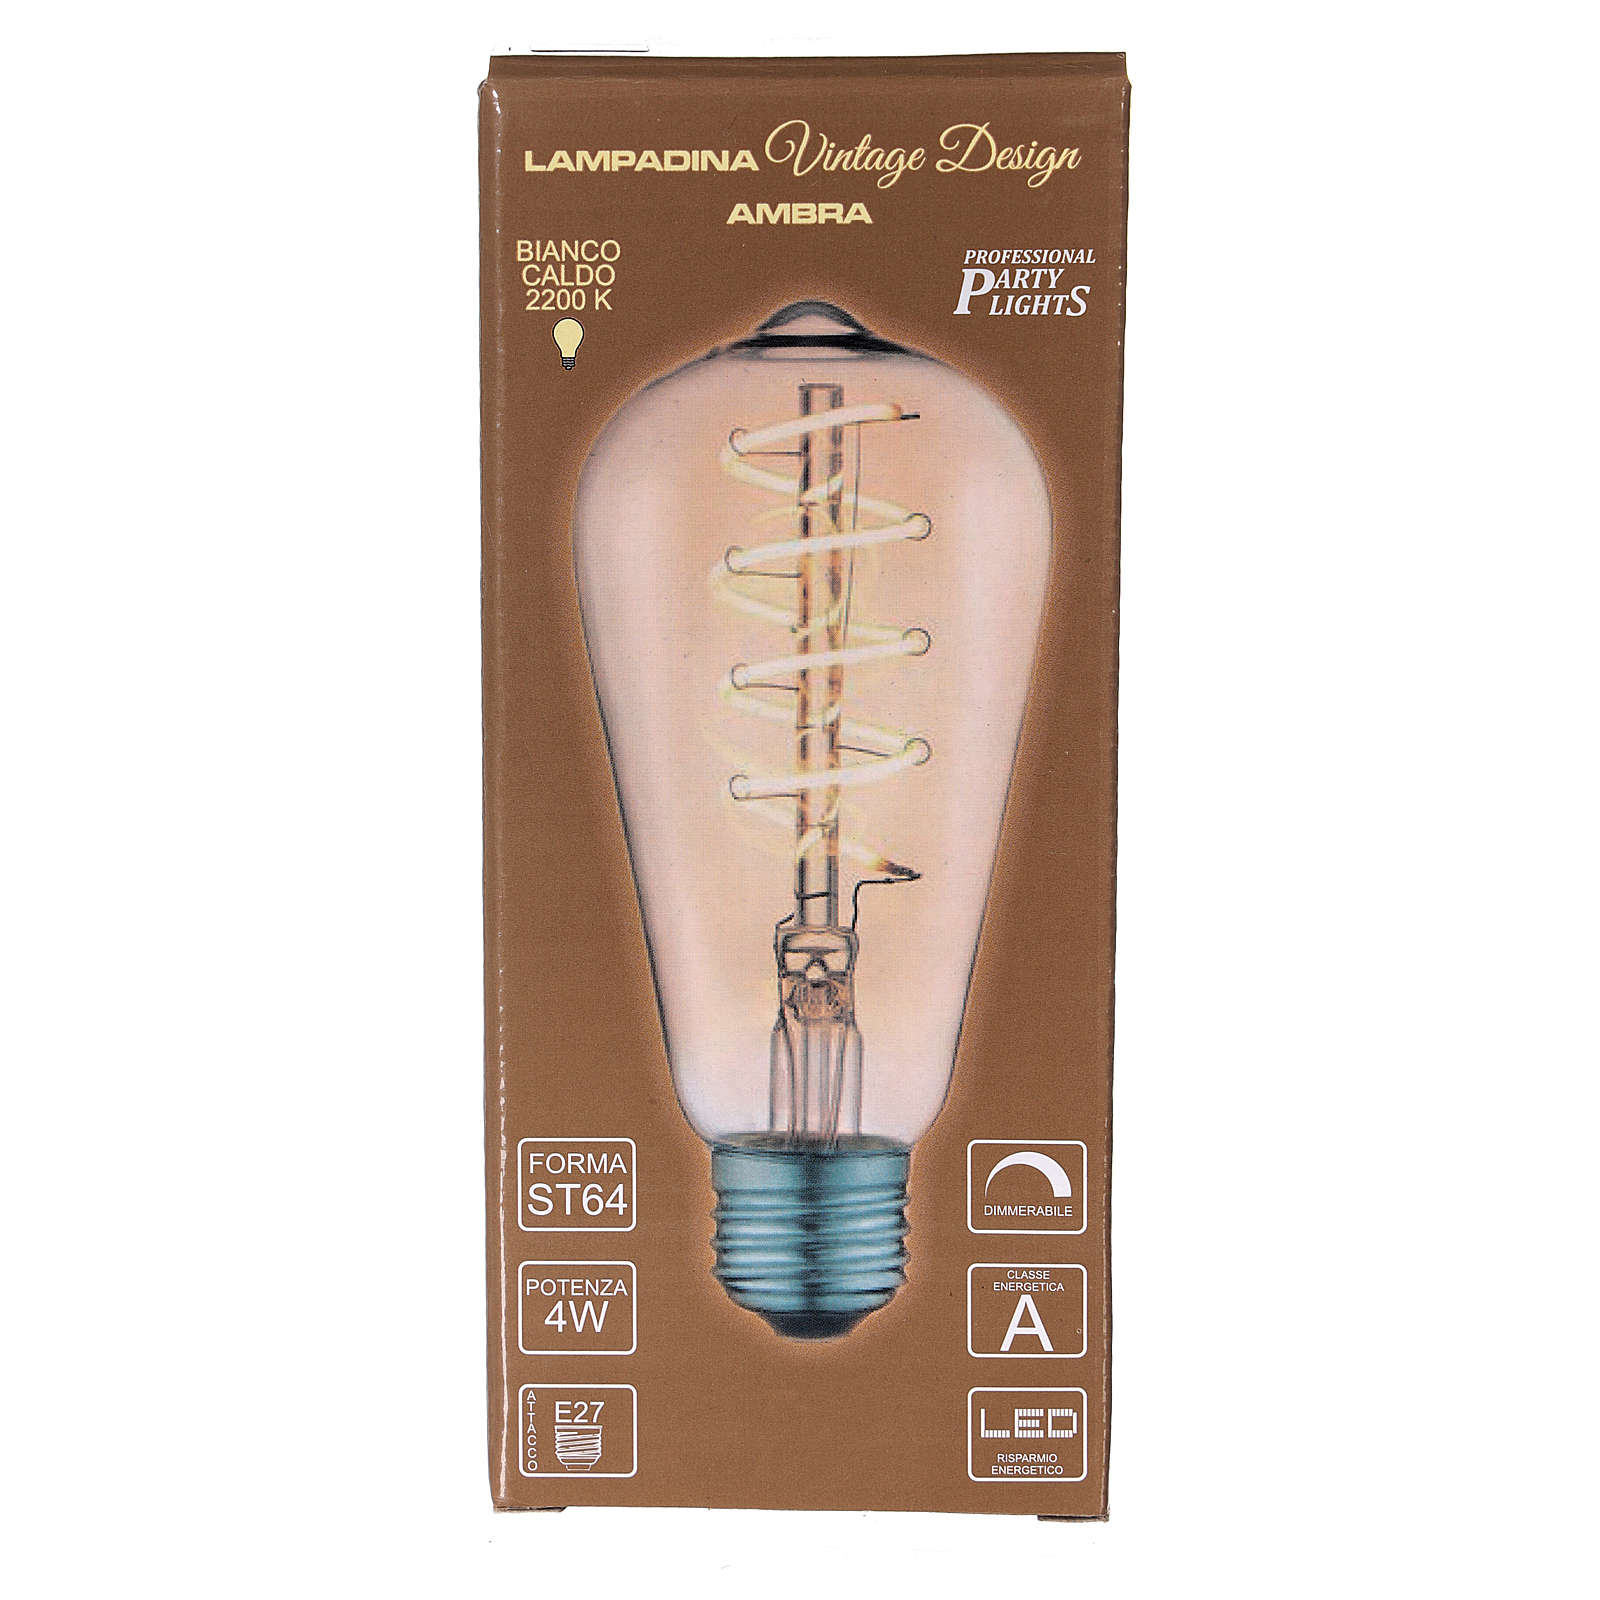 Lampadina ambra E27 4W per cinture e catene luminose 3